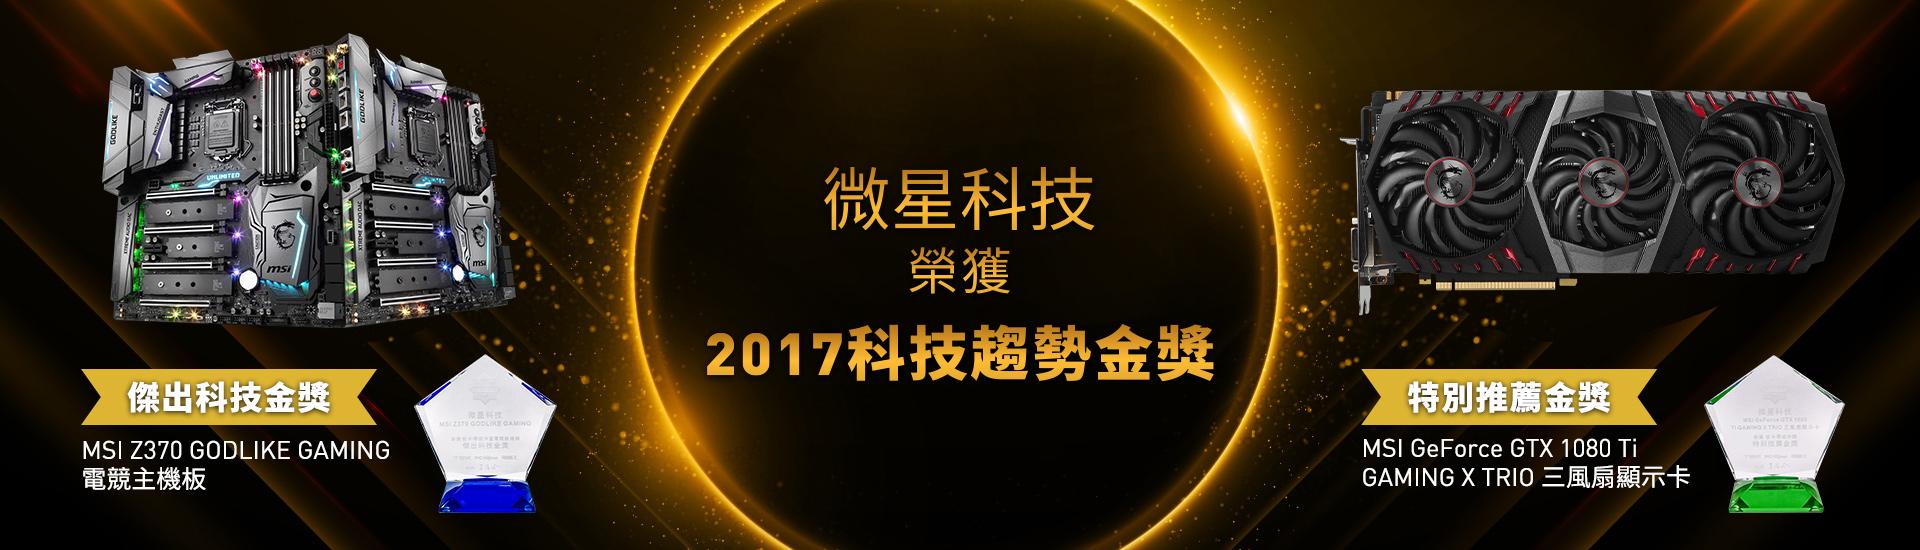 2017科技趨勢金獎